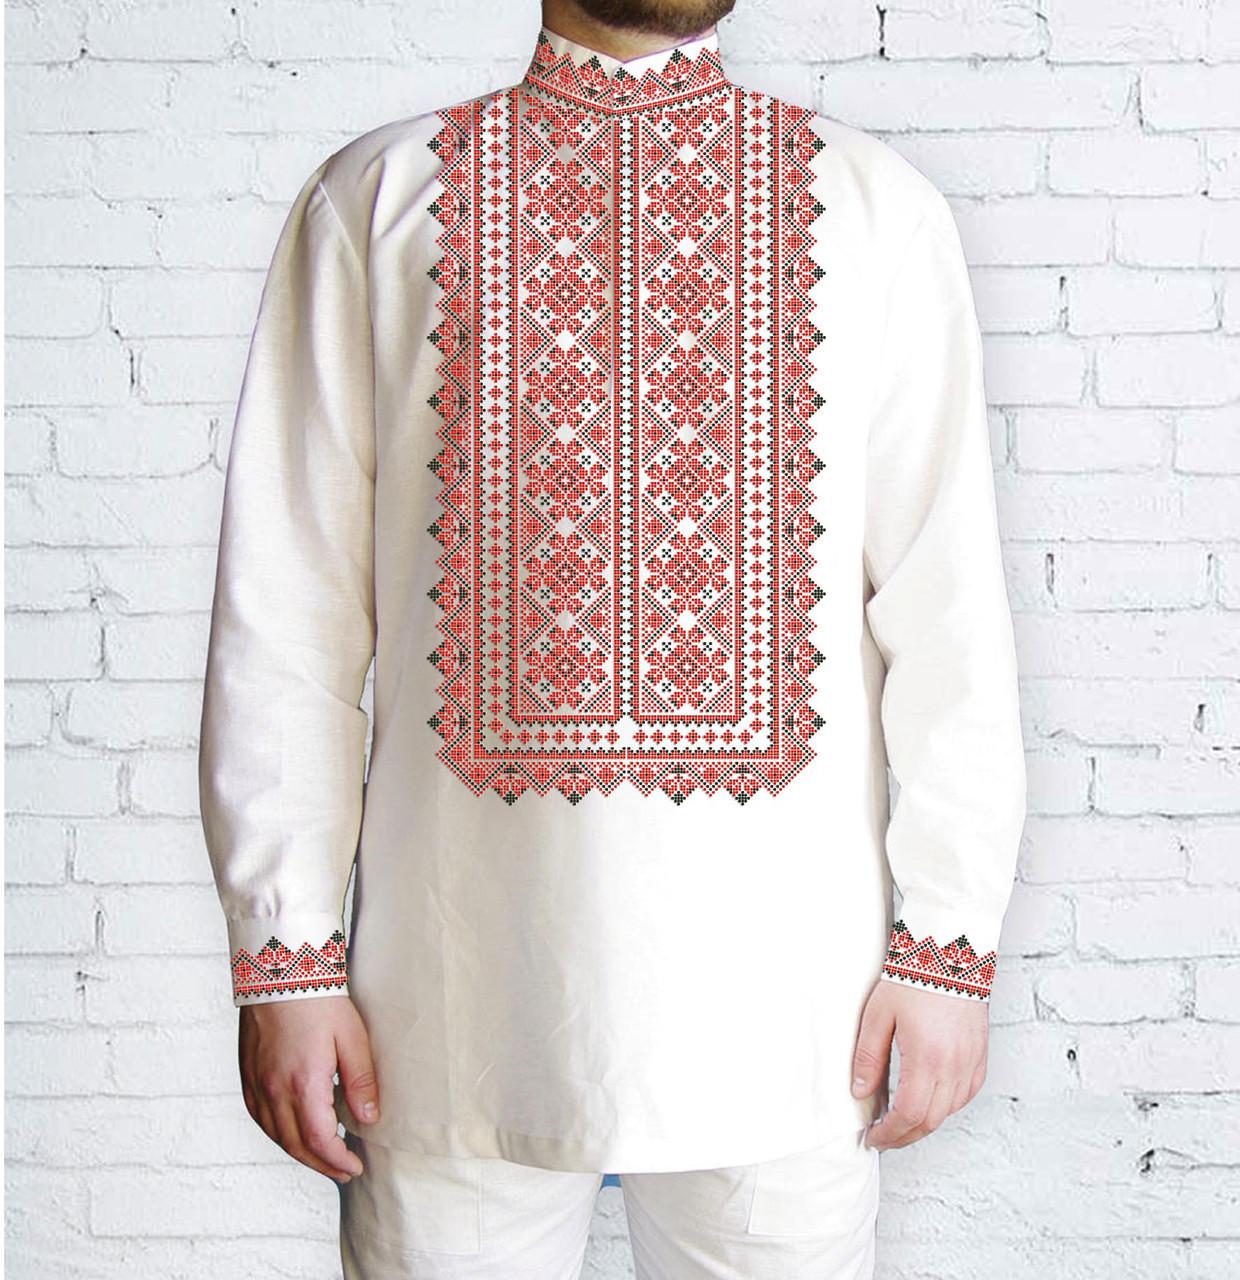 Заготовка мужской рубашки / вышиванки / сорочки для вышивки / вышивания бисером или нитками «Орнамент 582 С»